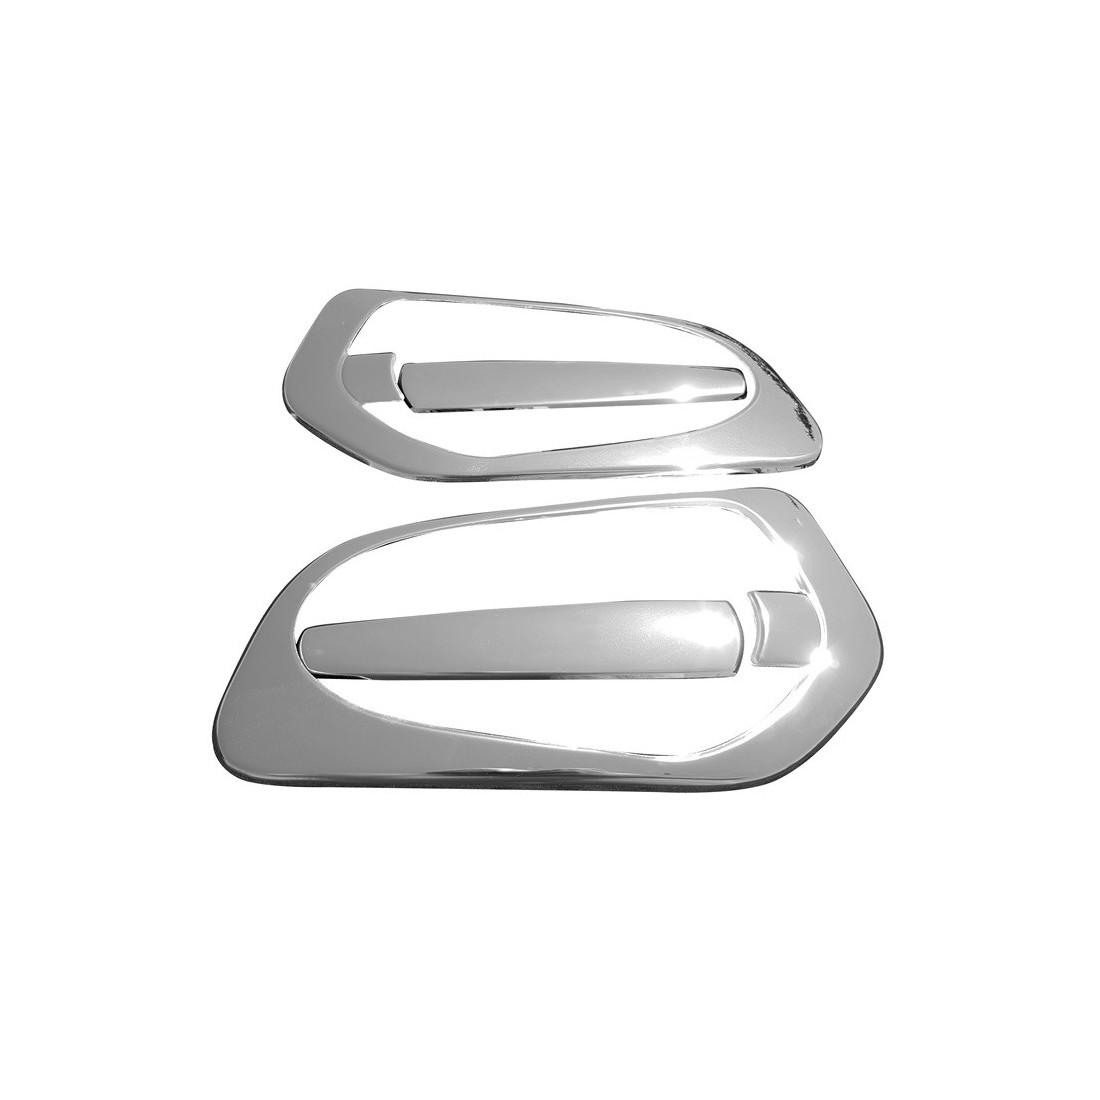 MERCEDES ACTROS MP4 NIERDZEWNE NAKŁADKI KLAMEK 3D